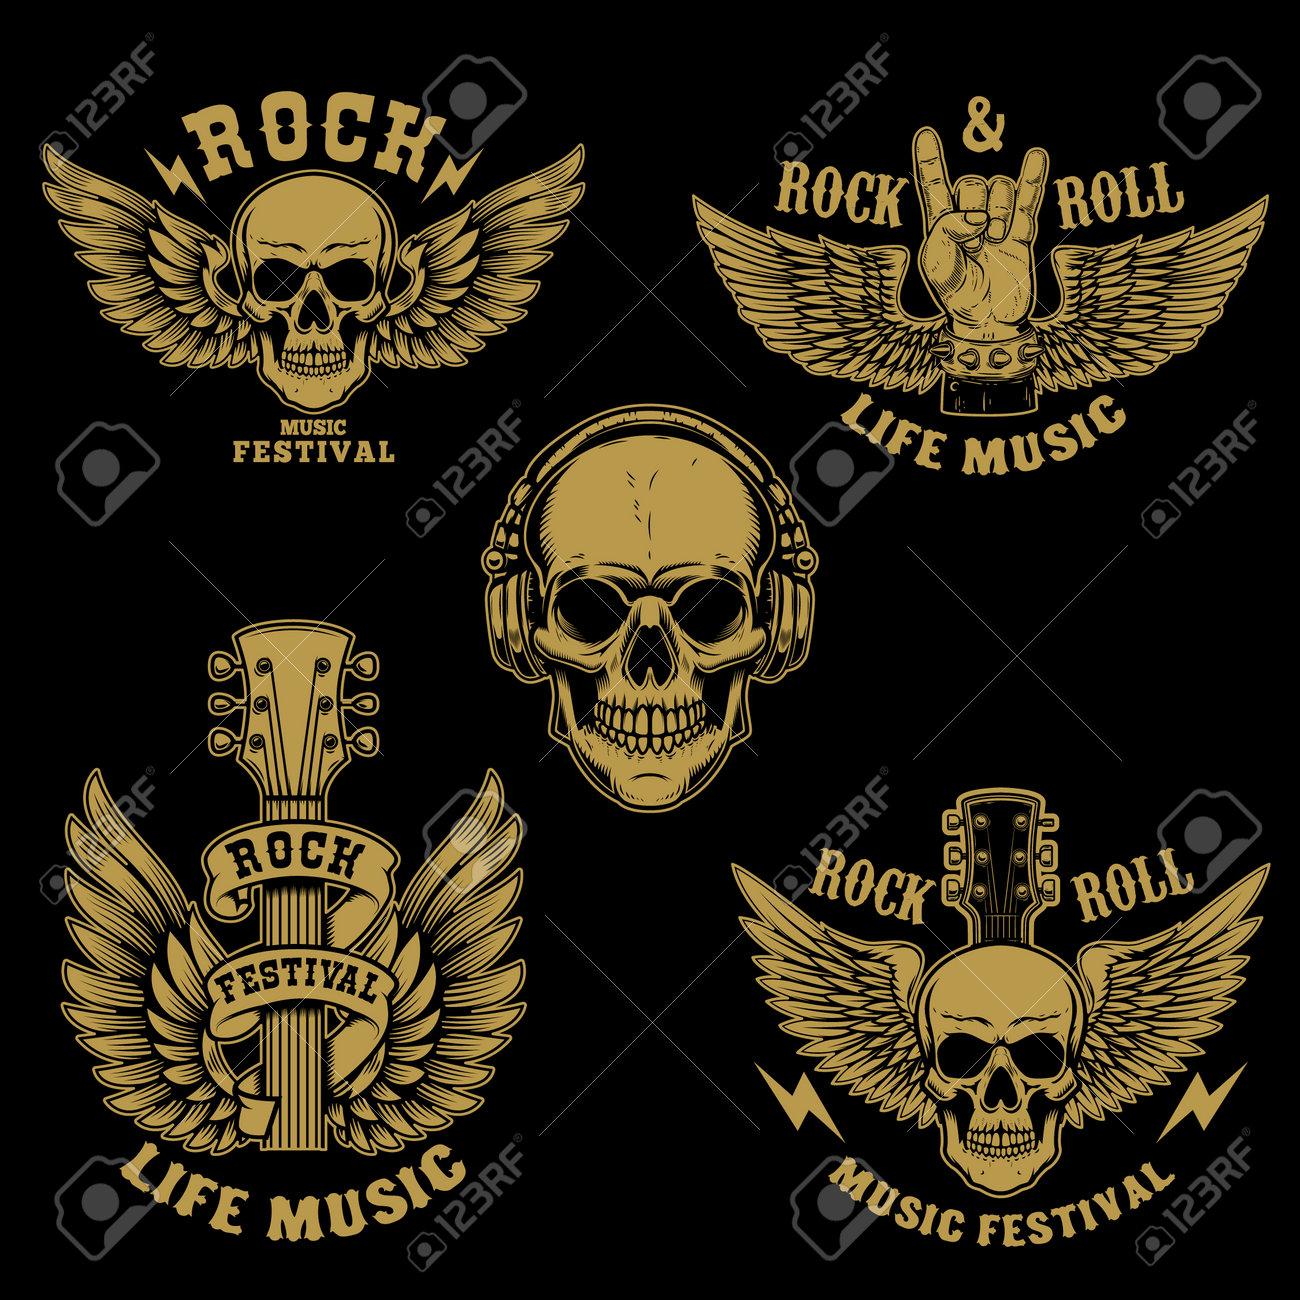 Set of rock and roll emblems.Winged rock guitar. Design element for poster, card, banner, sign, logo. Vector illustration - 169916600